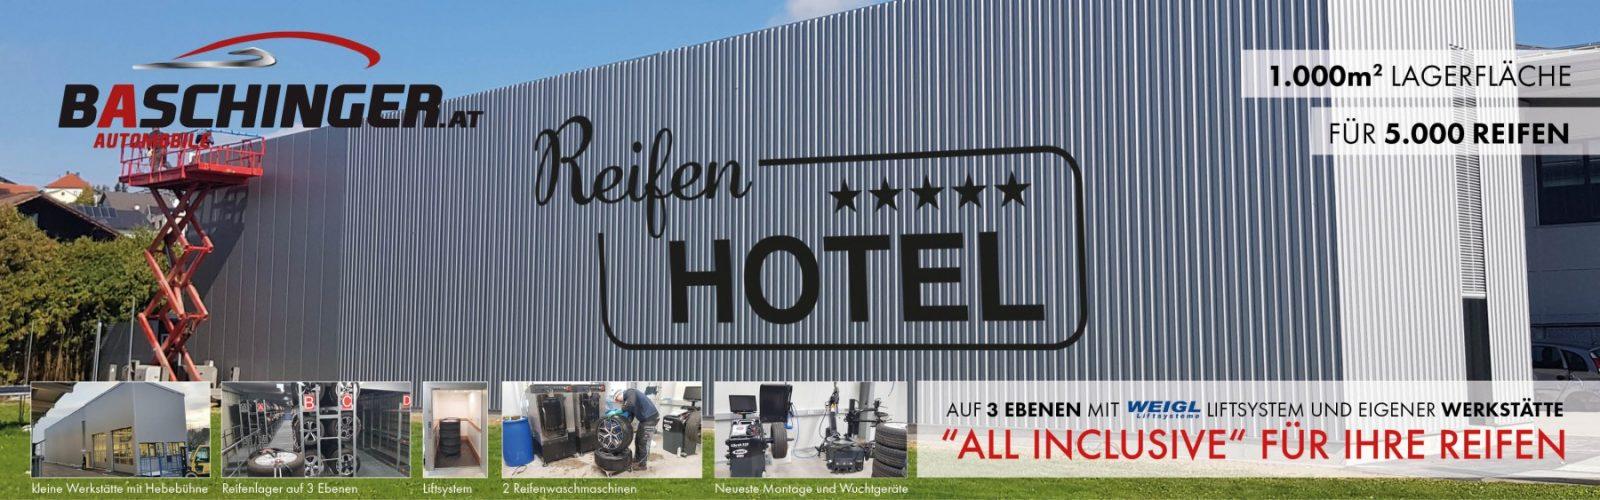 NEU ab November ! DAS 5* Reifenhotel für 5000 REIFEN mit Reifenwaschmaschine und Lift bei HWS || Ing. Günther Baschinger GmbH in